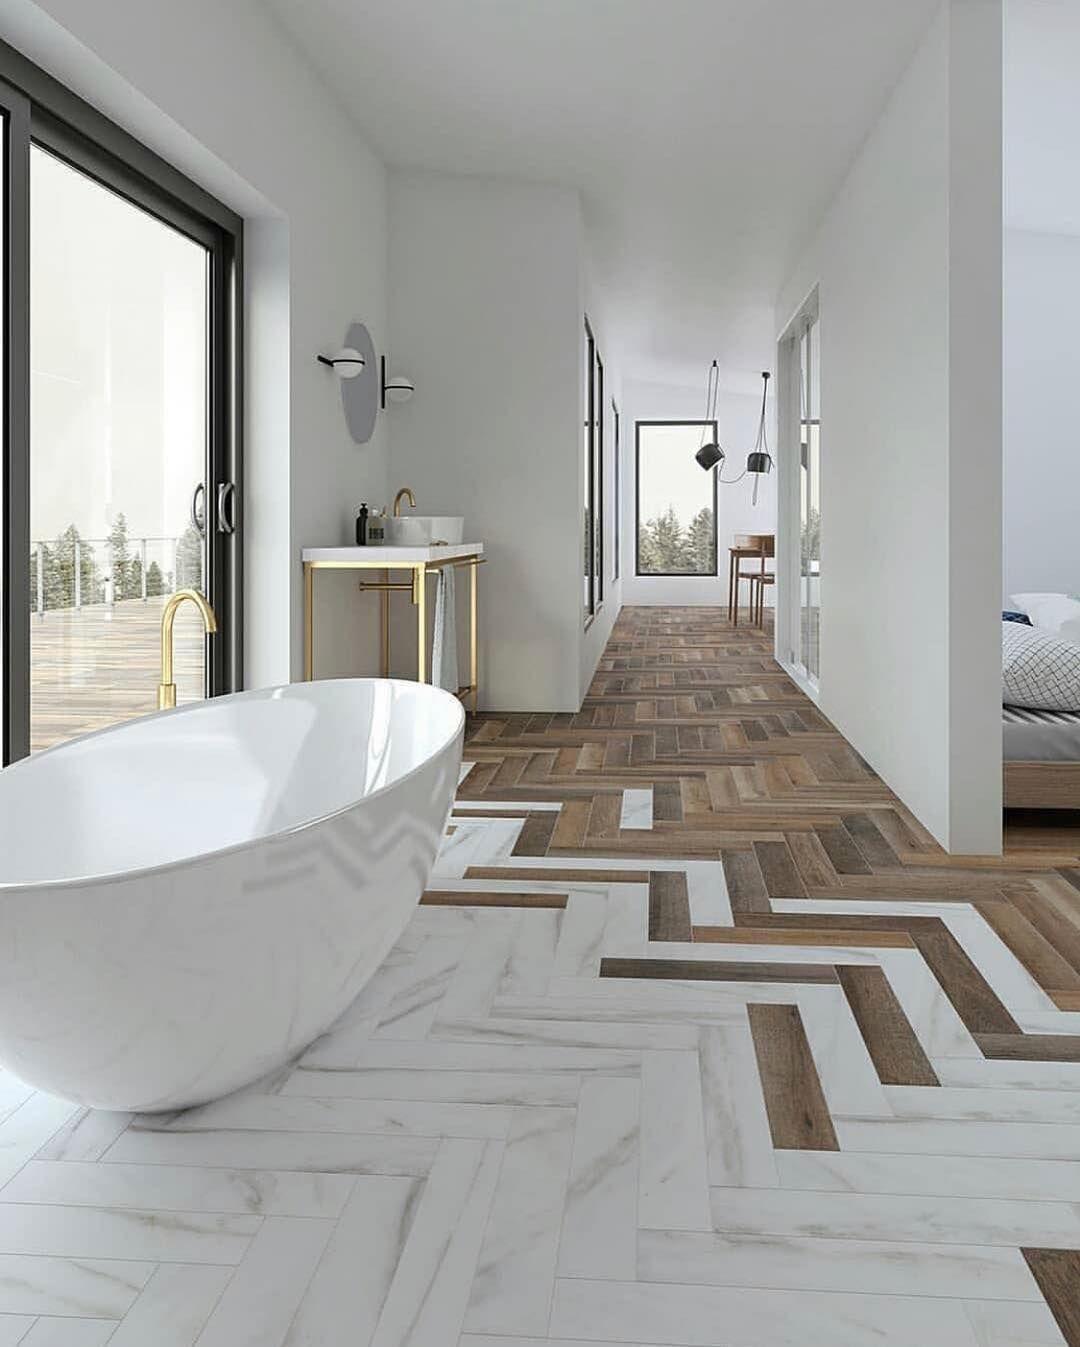 Interior design on instagram  cbeautiful bathroom by wow designeu   also rh pinterest